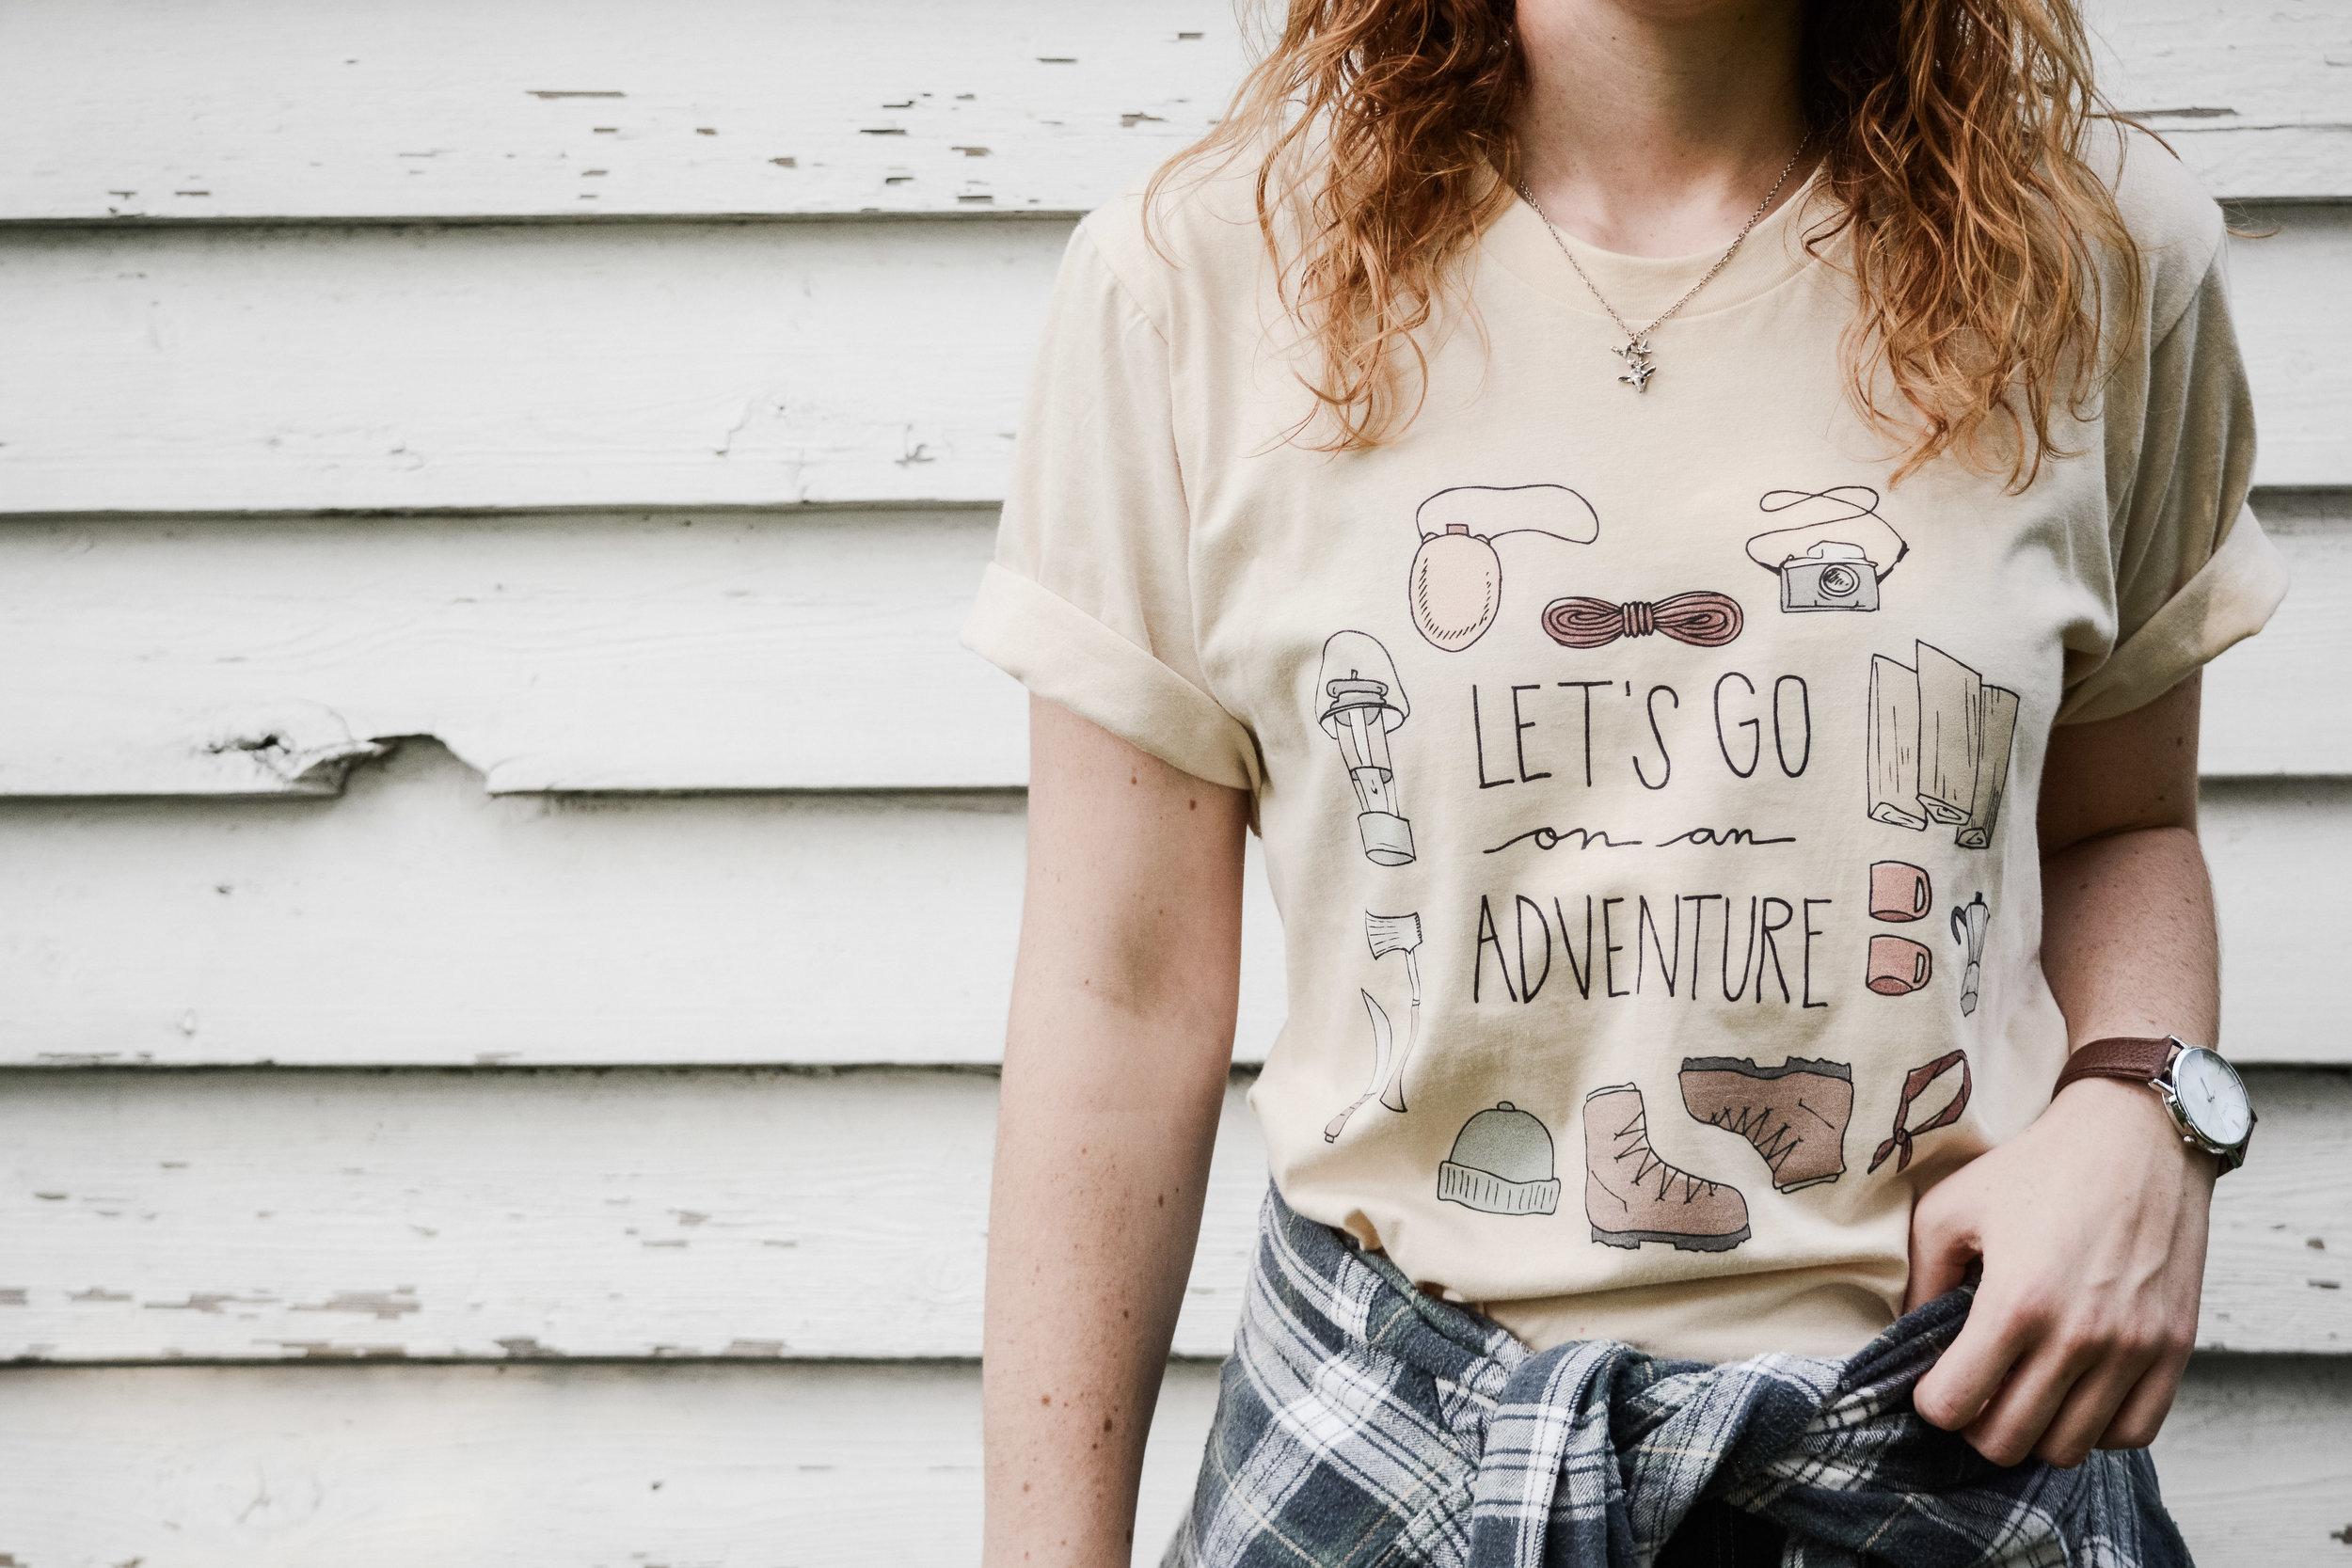 Let's Go on an Adventure Tee - Vagabondary • $25